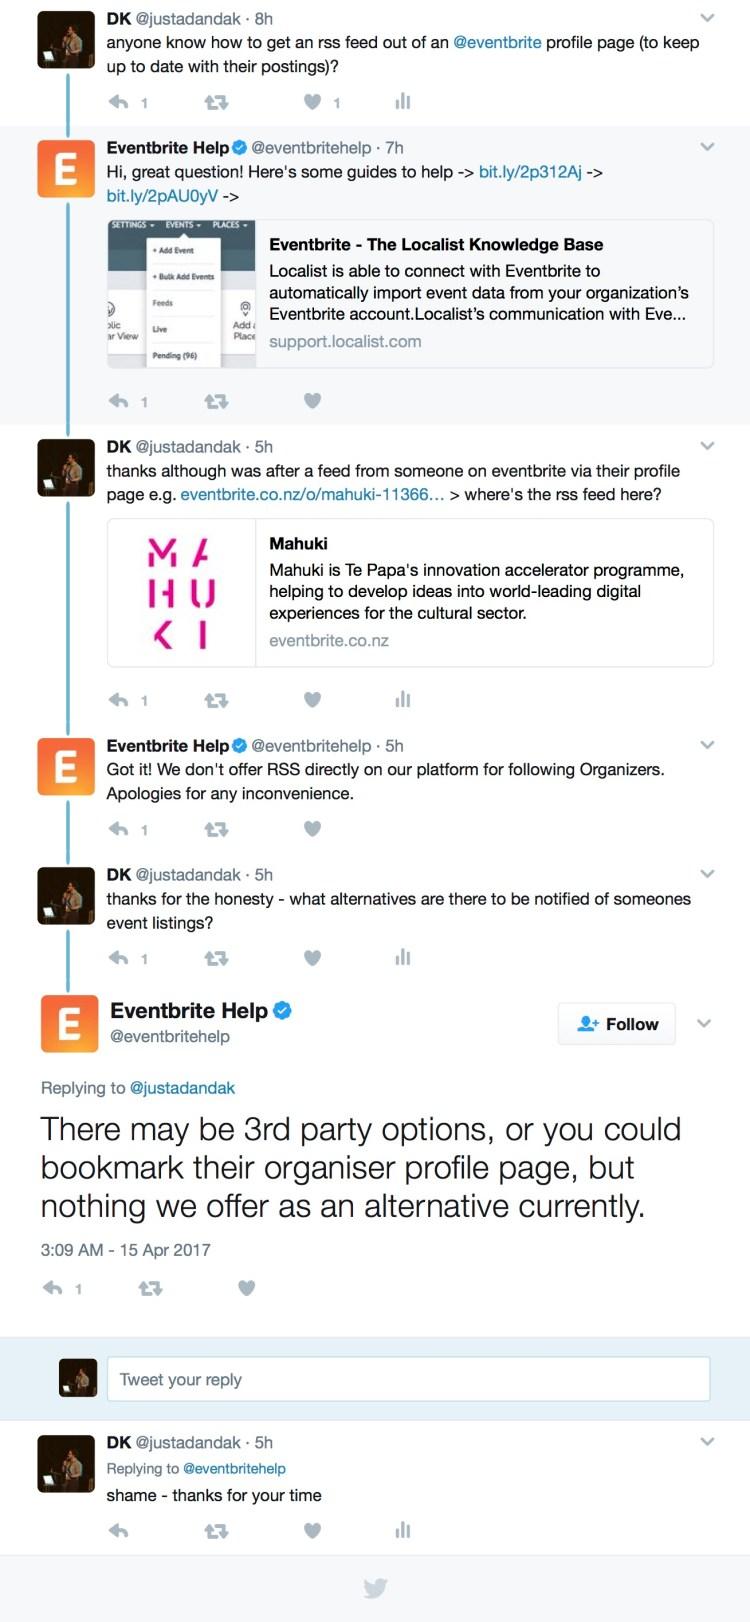 Eventbrite Twitter Discussion